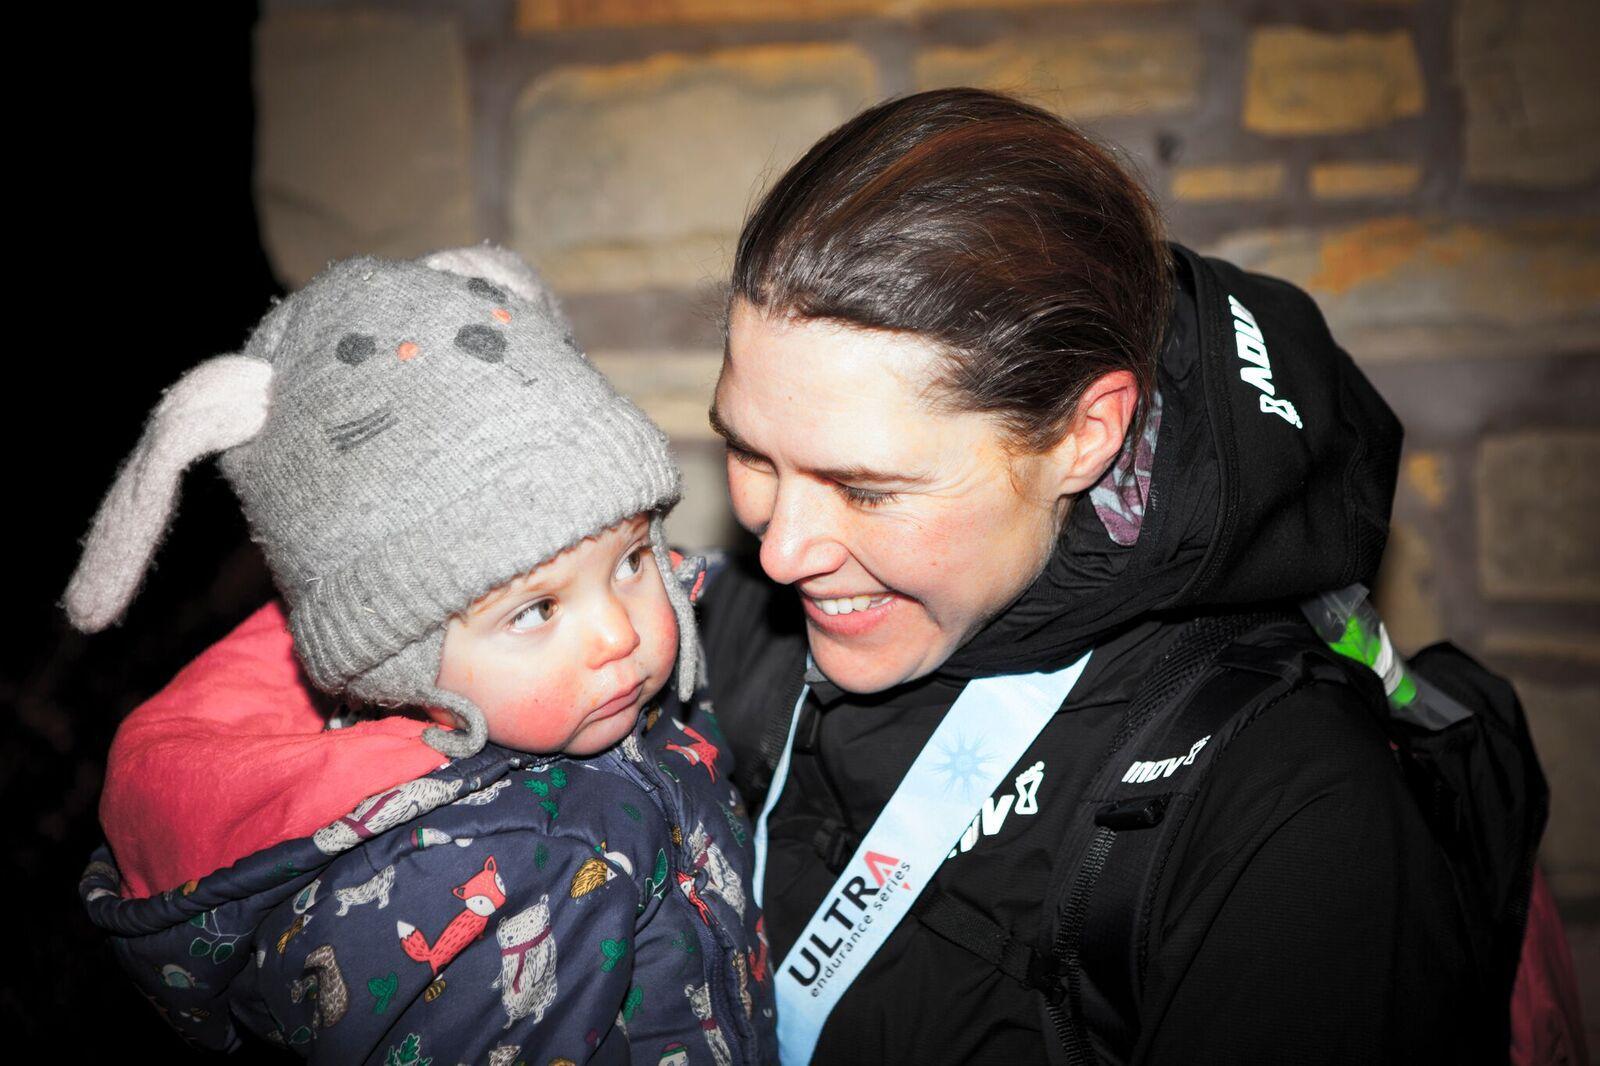 Jamin Paris coge a su hija al finalizar The Spine Race 2019